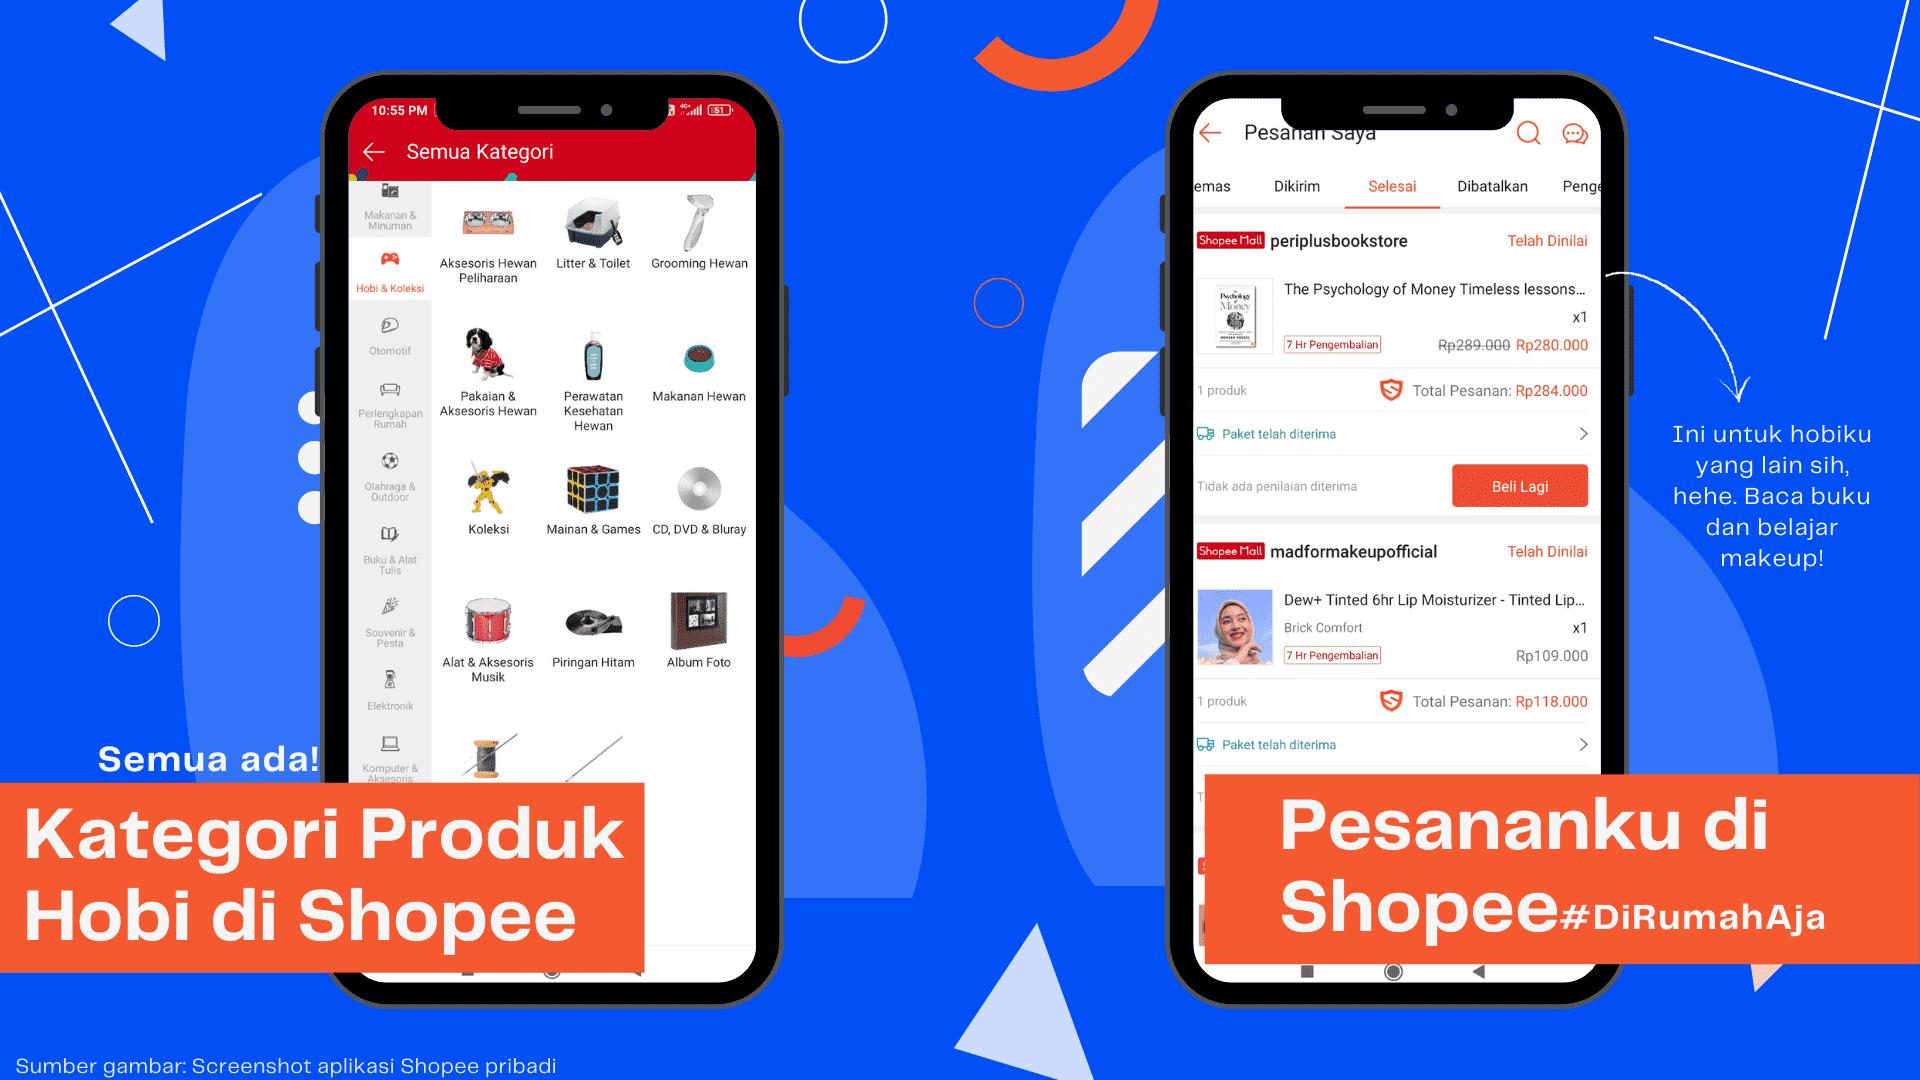 kategori produk di shopee